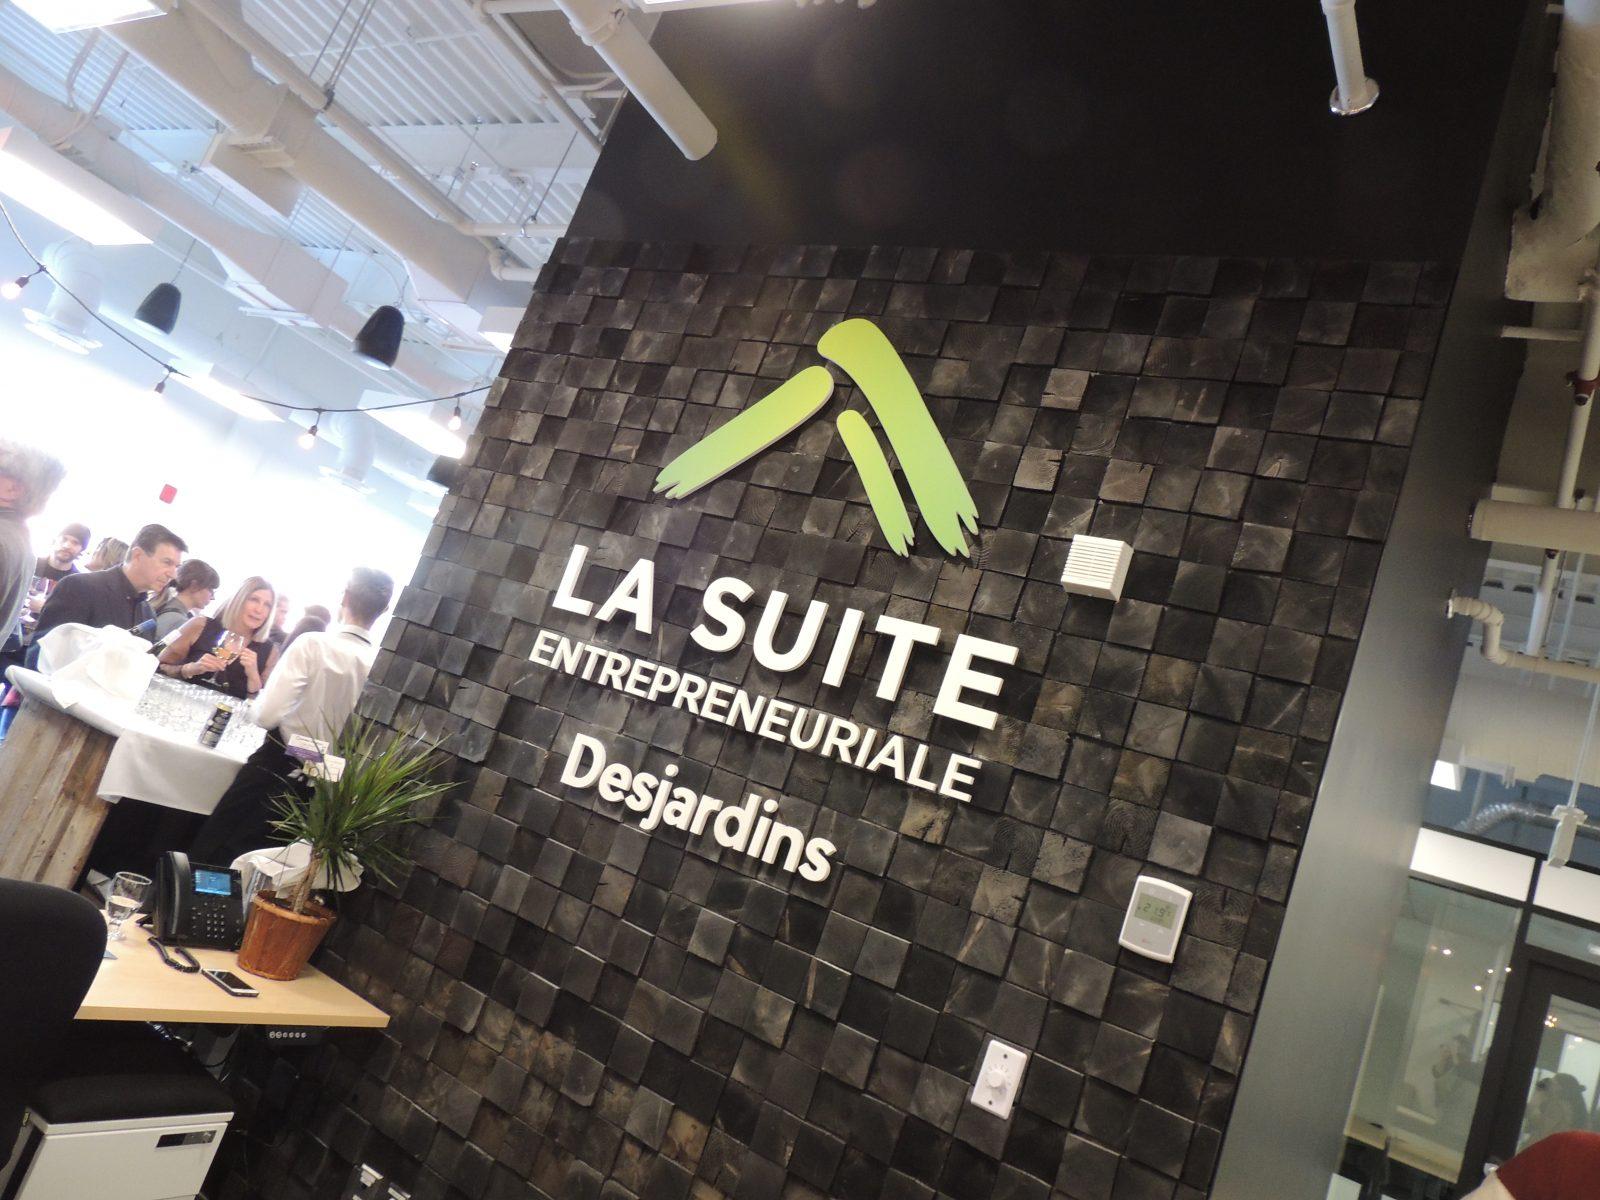 Incubateur d'entreprises : Desjardins lance La SUITE entrepreneuriale